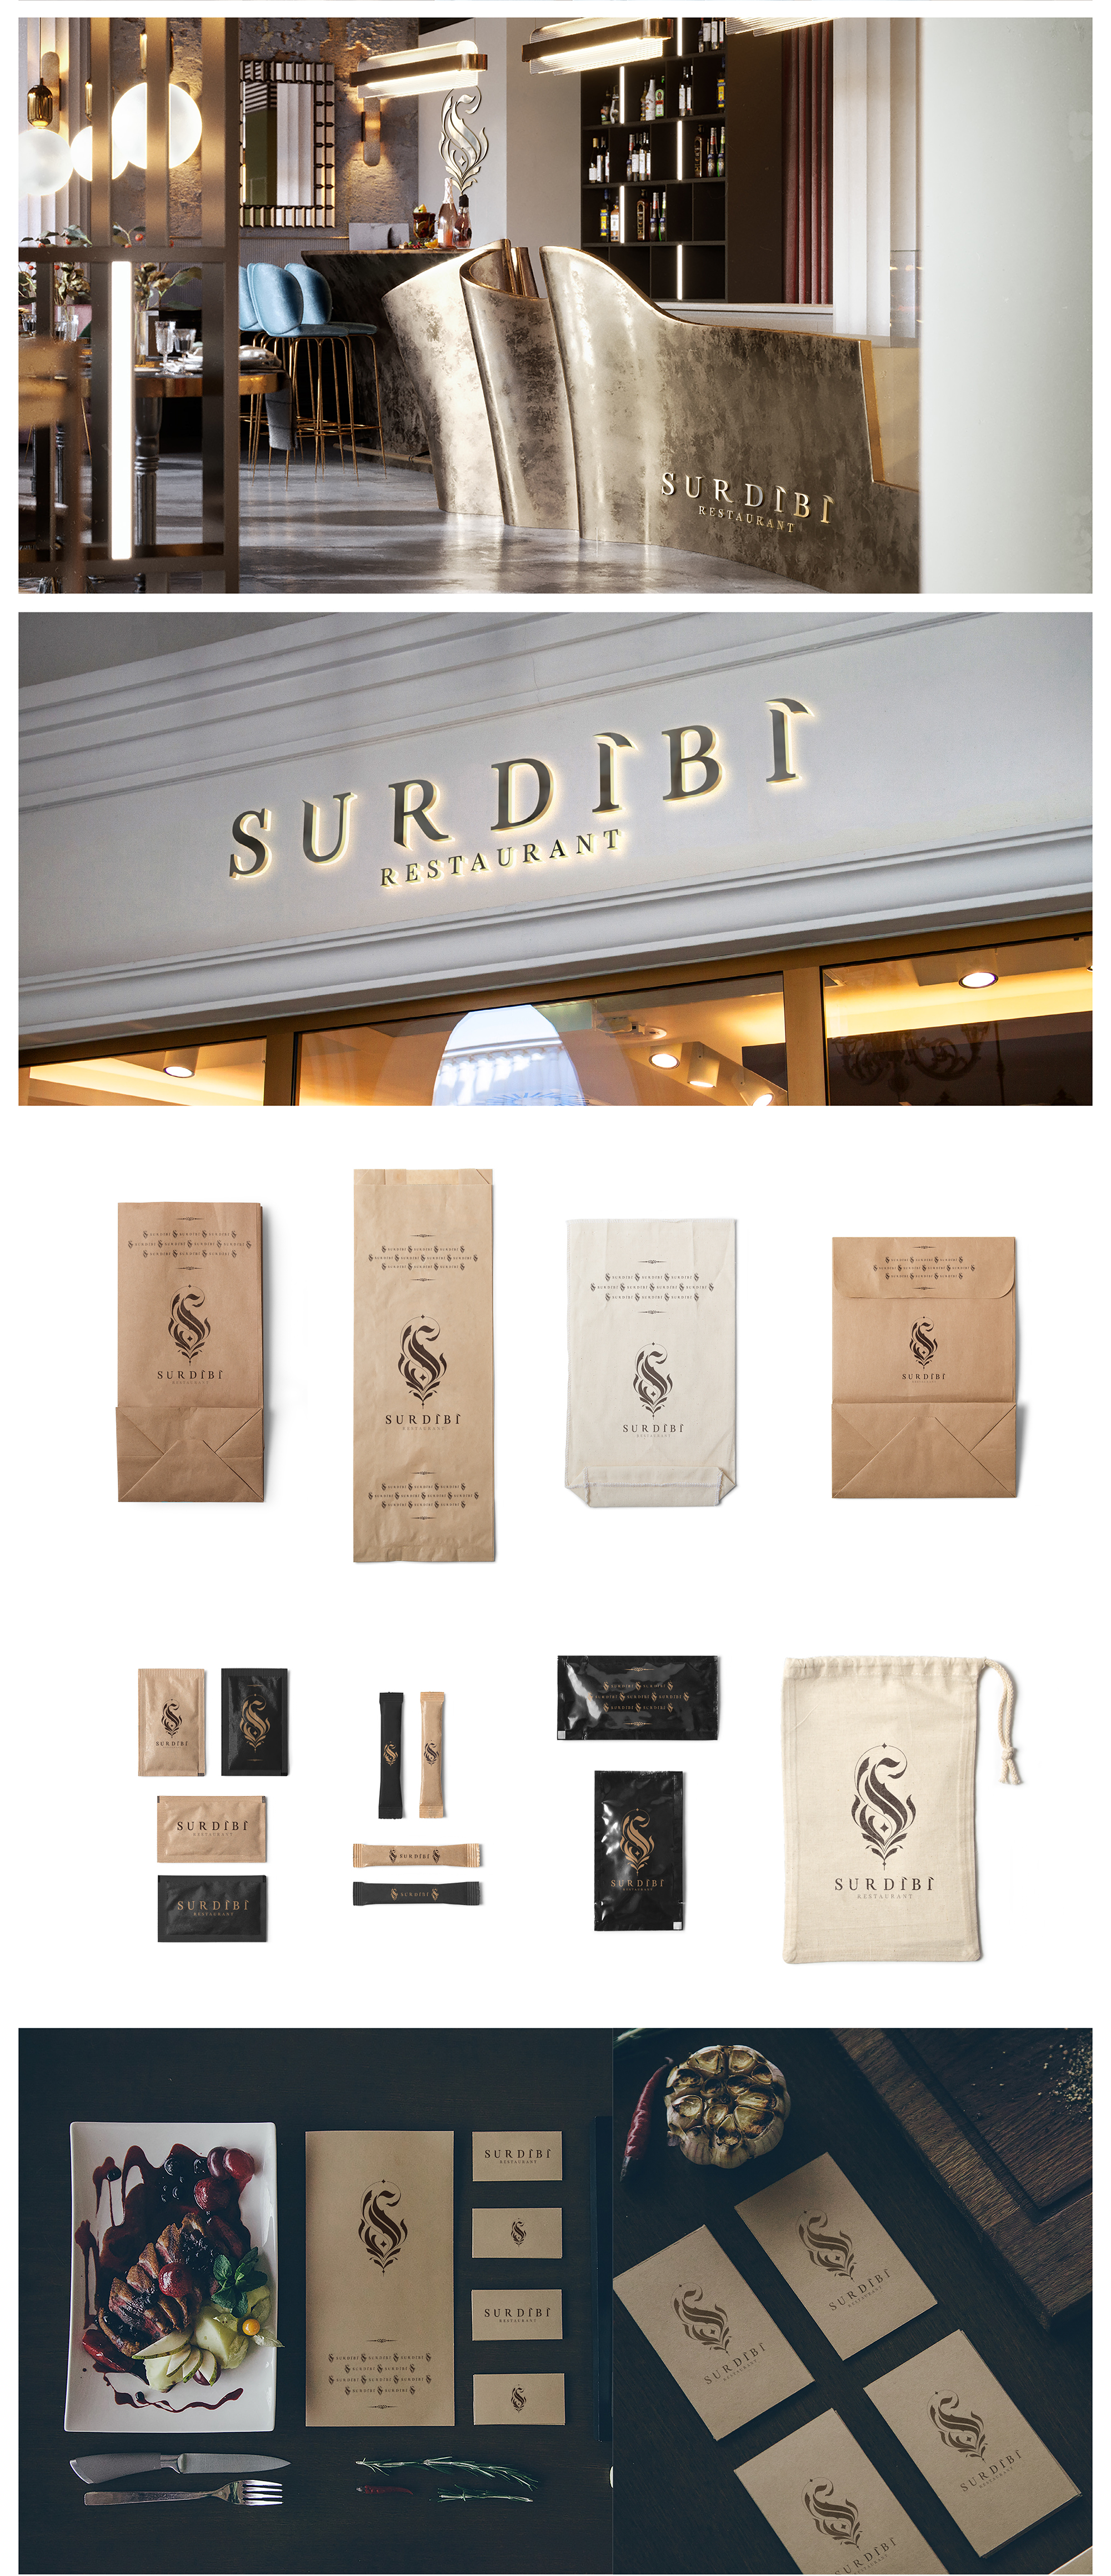 Ankara kurumsal kimlik tasarımı  Surdibi